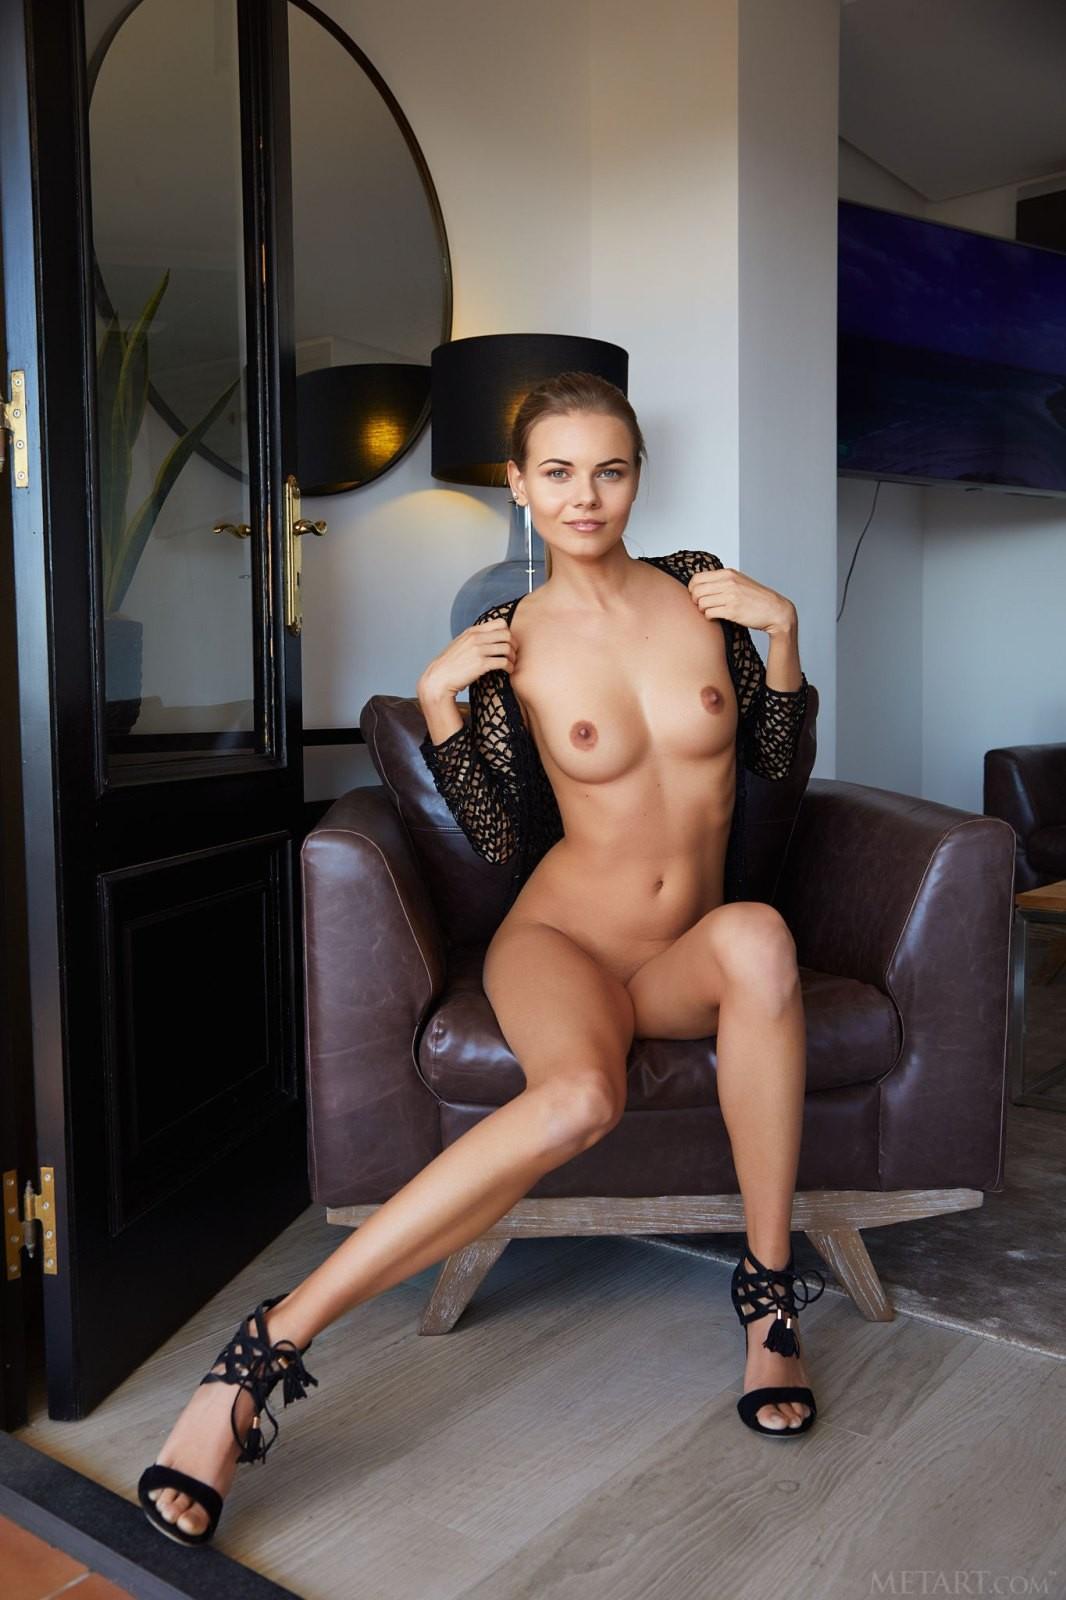 Модель со смачной киской и красивой грудью - фото